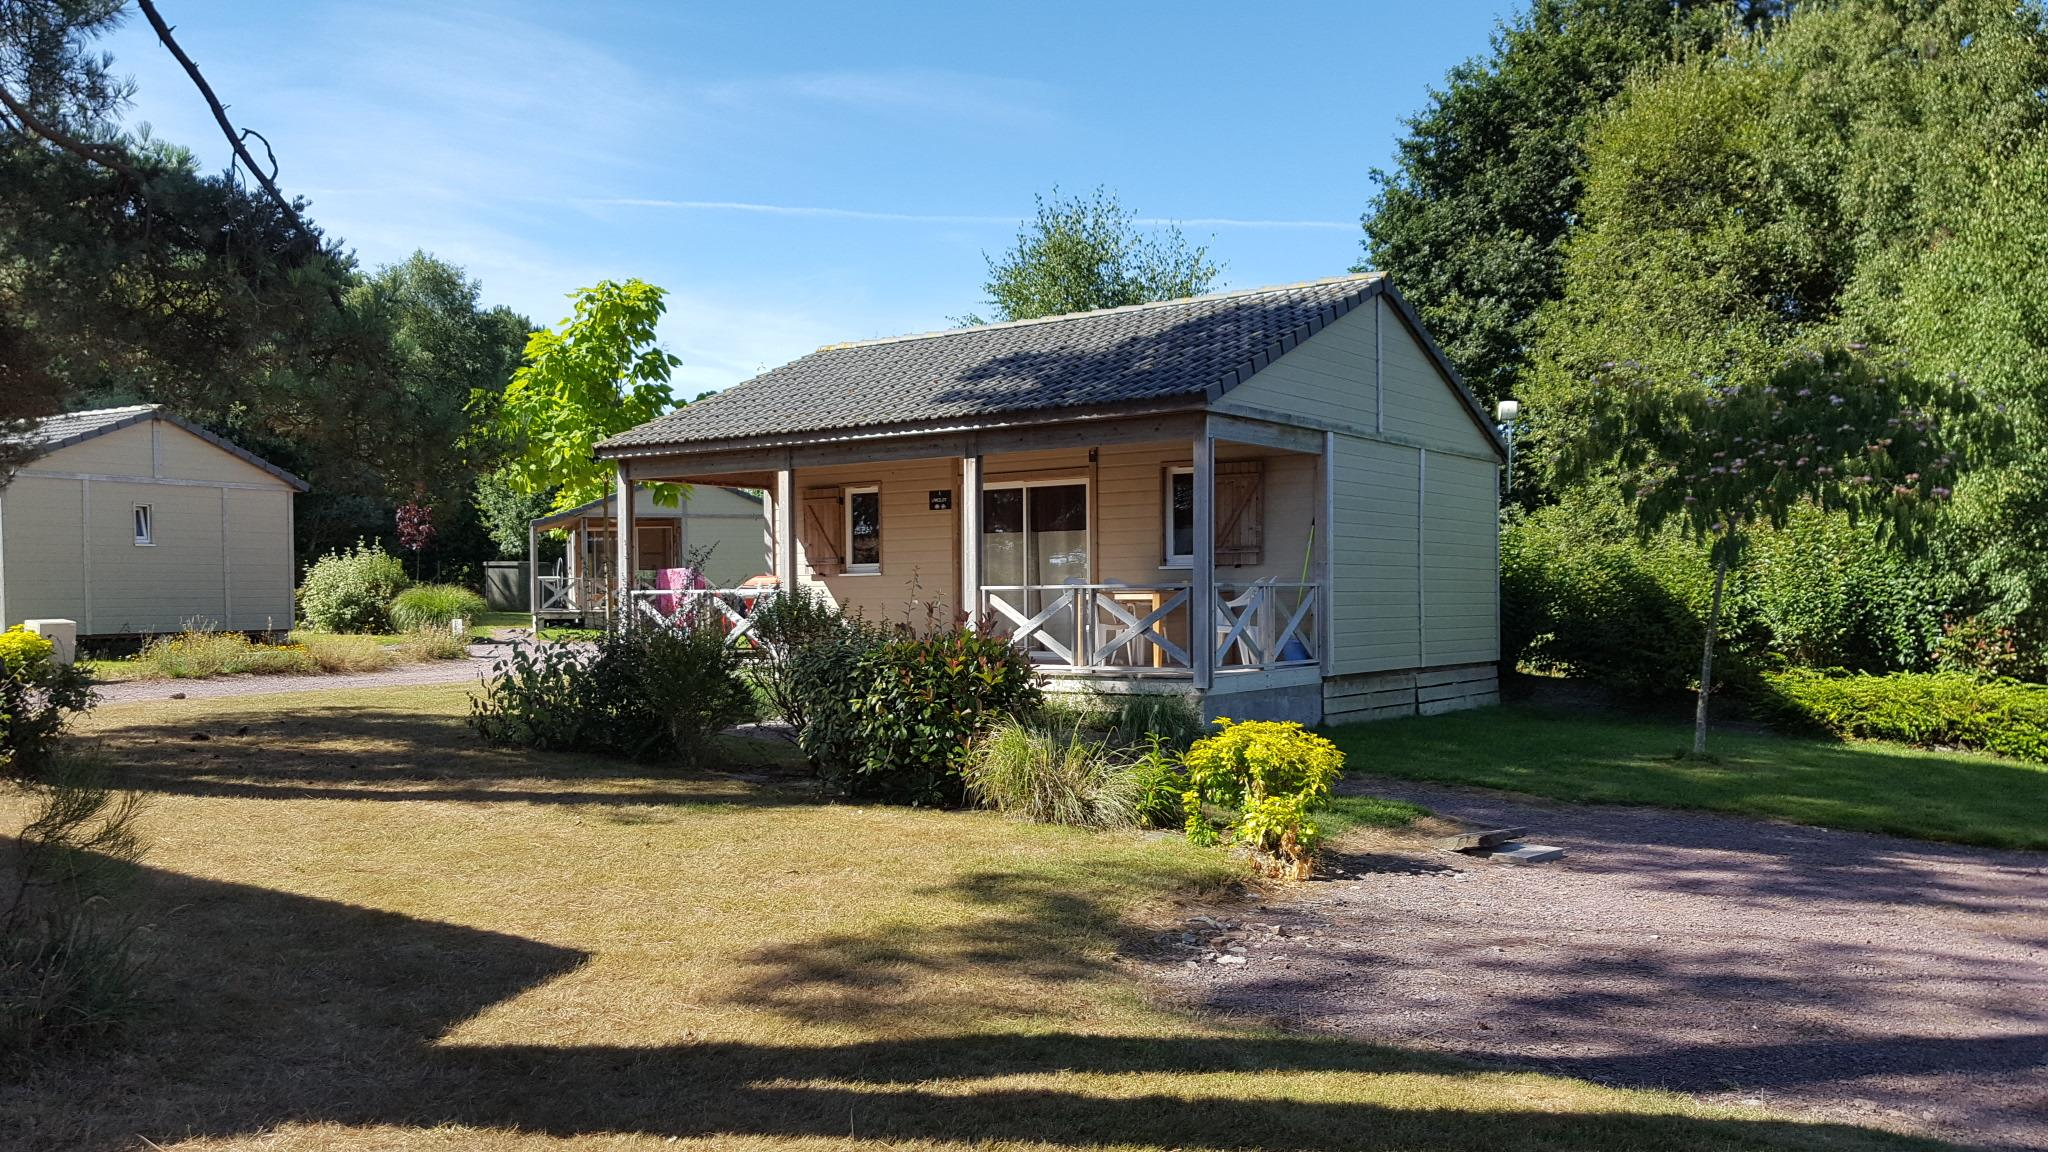 Location - Chalet Confort Premium 35 M² (2 Chambres - 2 Salles De Bain) + Terrasse Couverte - Domaine de Kervallon